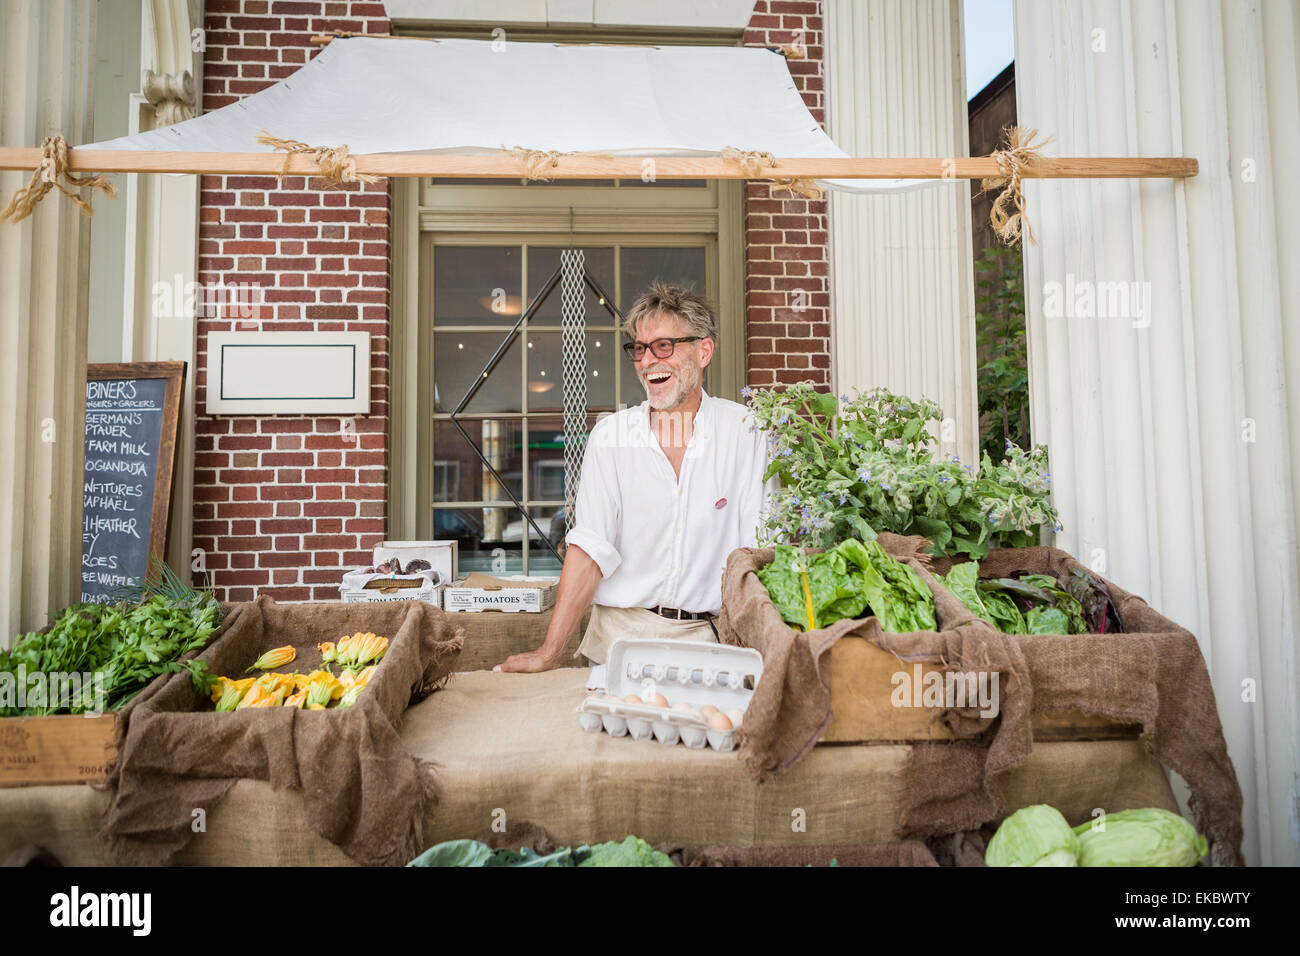 Agricoltore vendita organici le uova e le verdure su in stallo al di fuori del negozio Immagini Stock